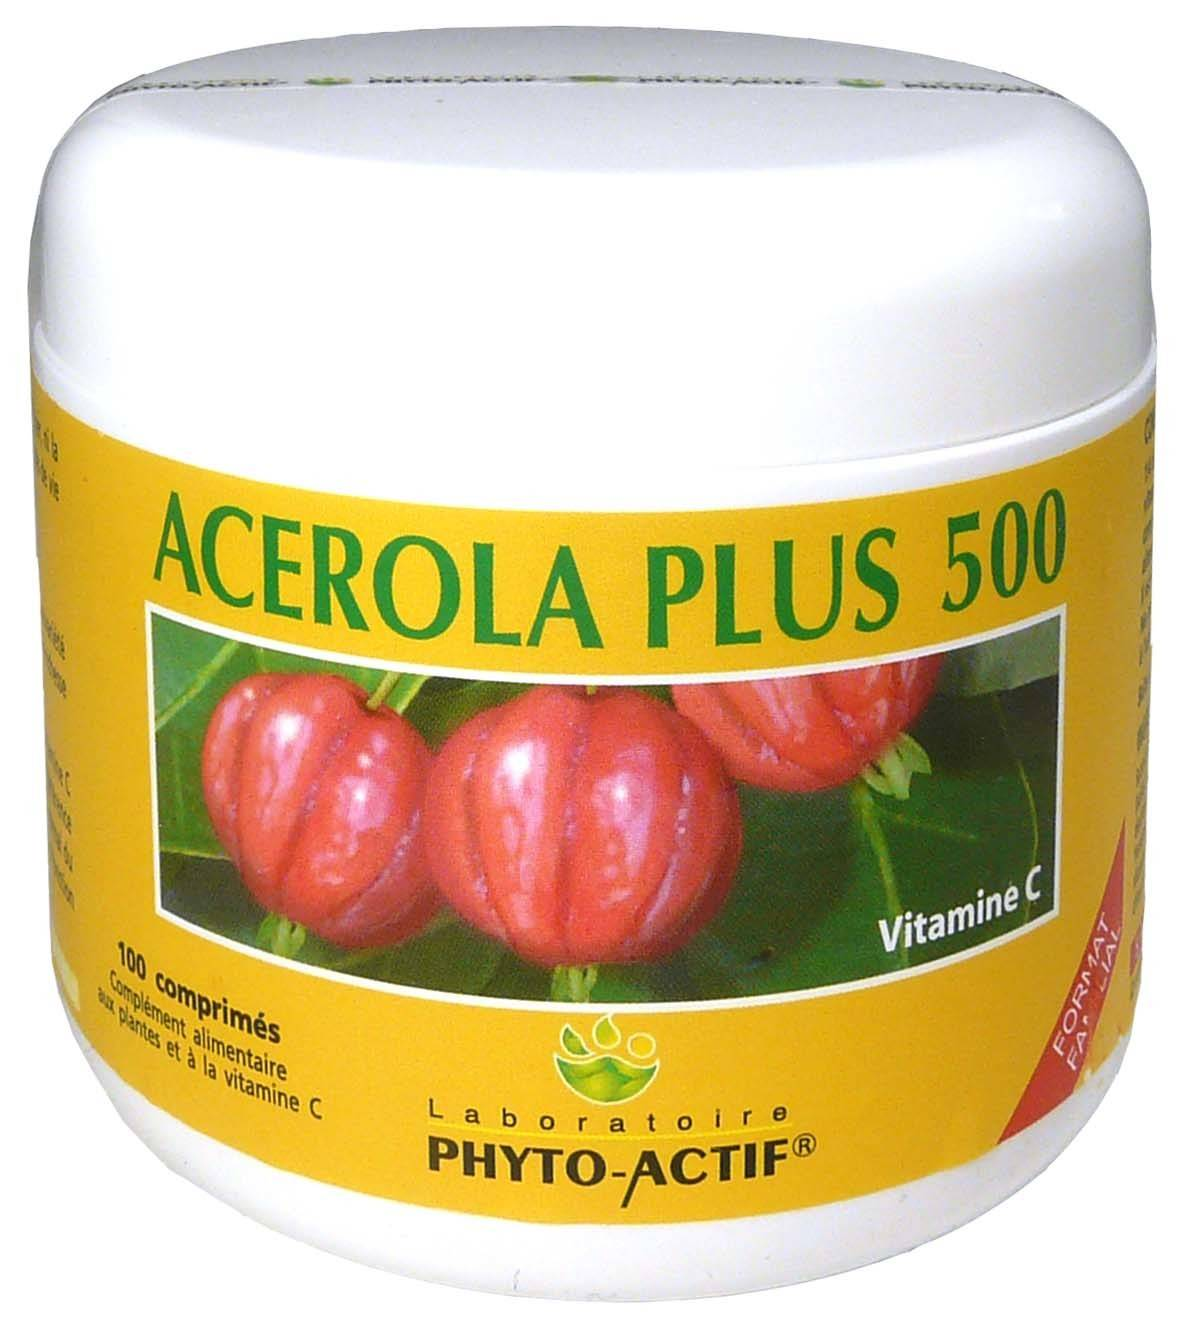 Phyto actif acerola plus 500 100 comprimes